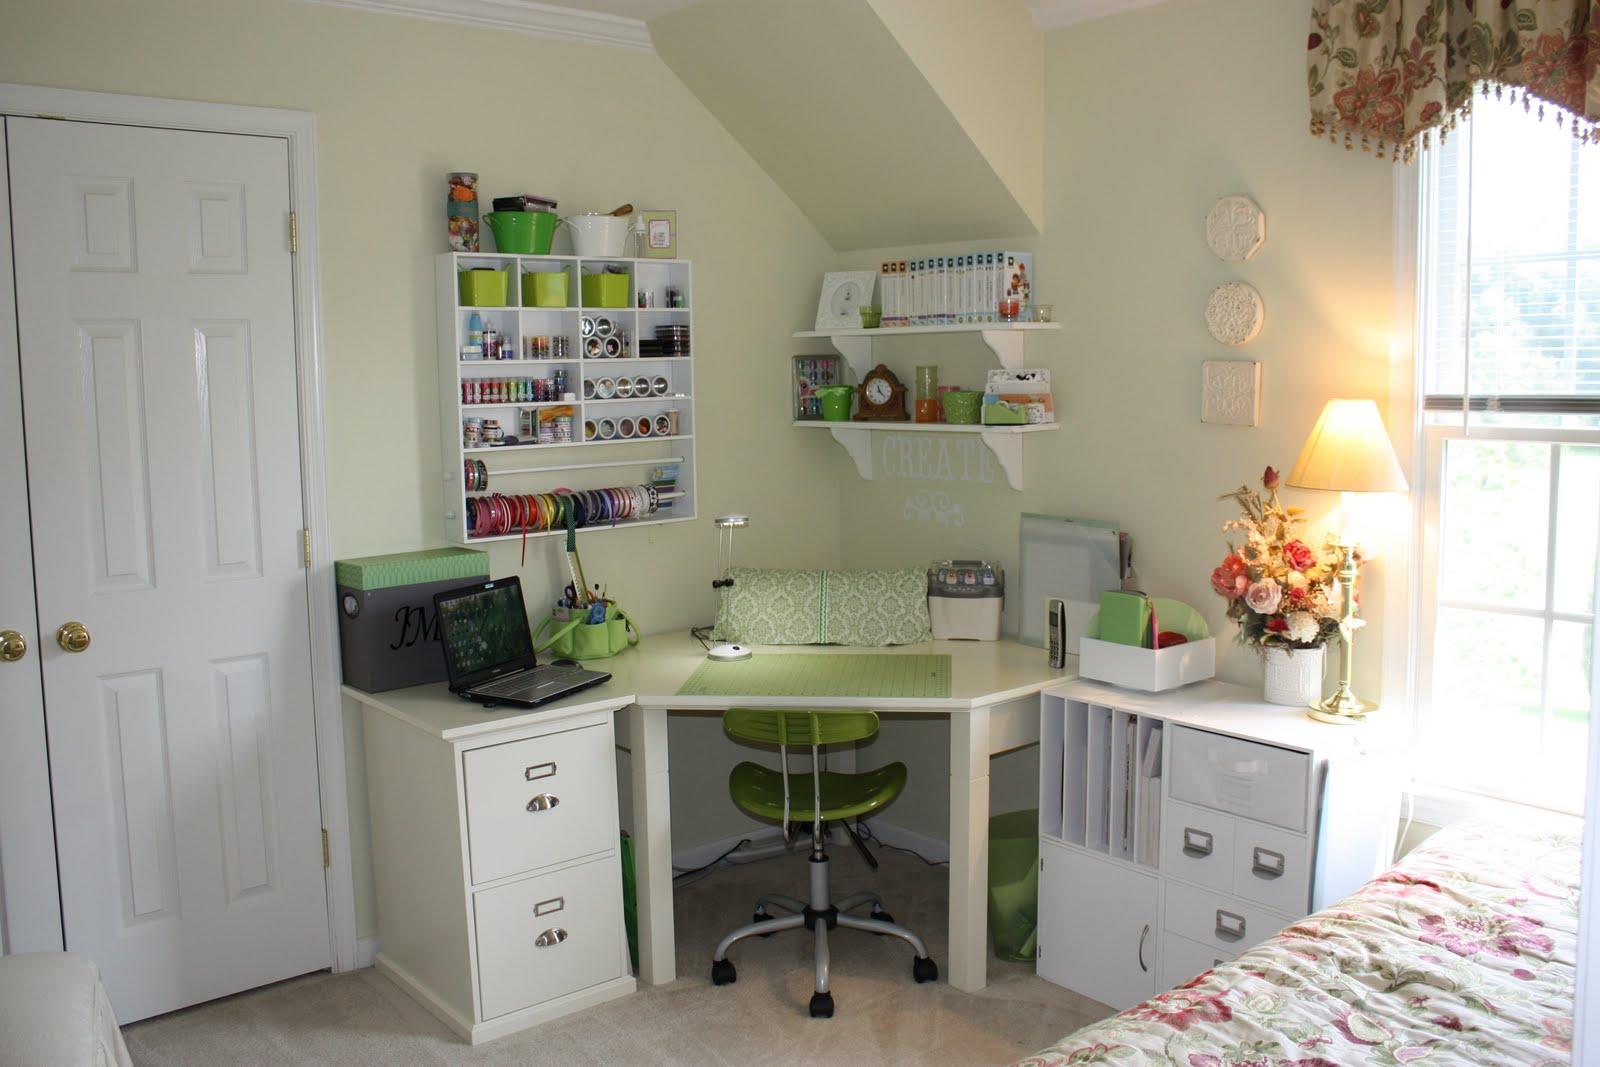 Cricket Craft Room: A Techy Teacher With A Cricut: My Craft Room